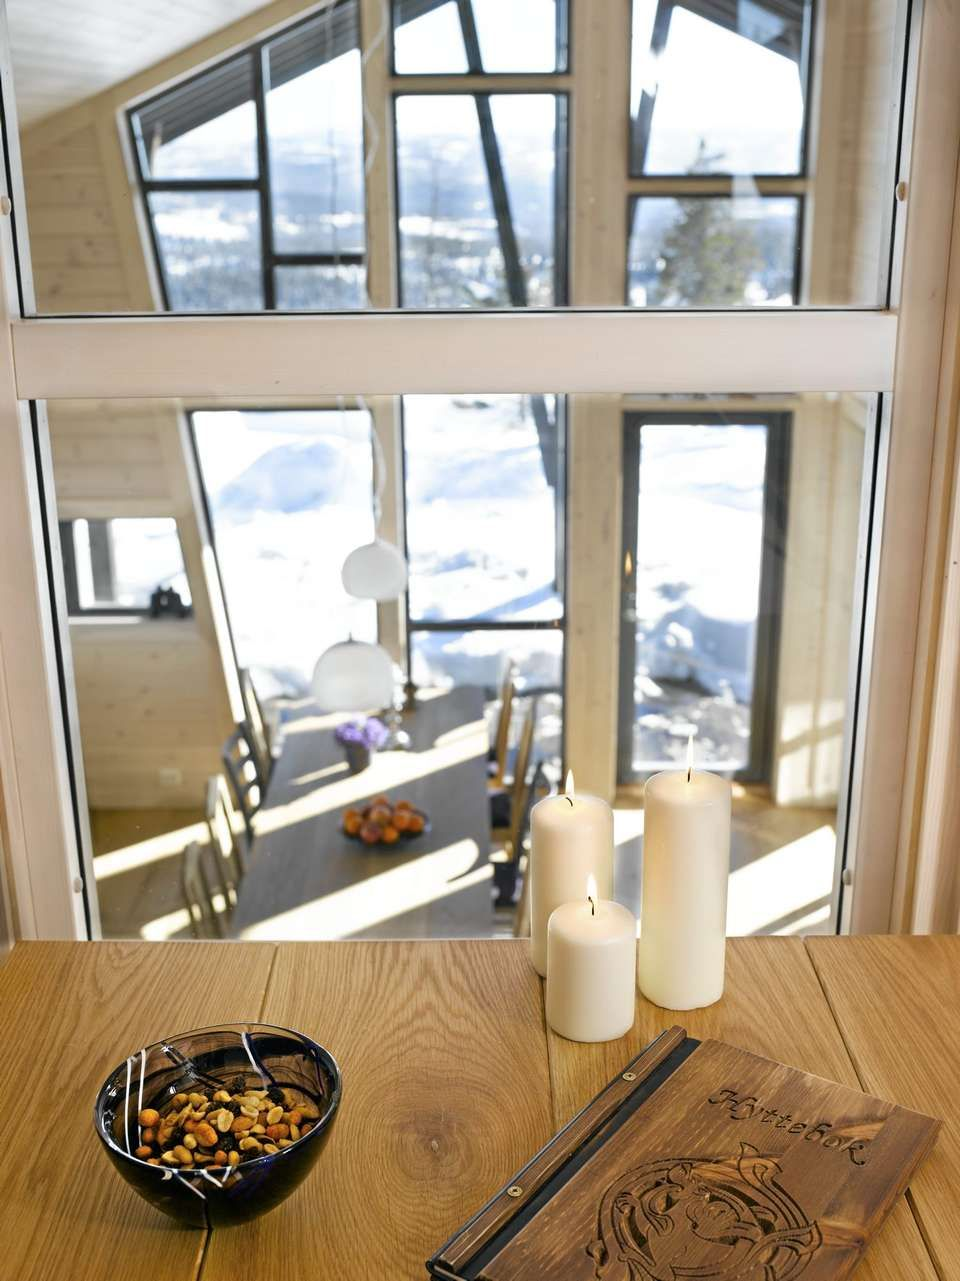 OVERBLIKK OG NÆRKONTAKT: Fra oppholdsrommet på hemsen ser man ned til kjøkkenet og ut gjennom de store vinduene. Dette skaper en kontakt og nærhet mellom rommene.